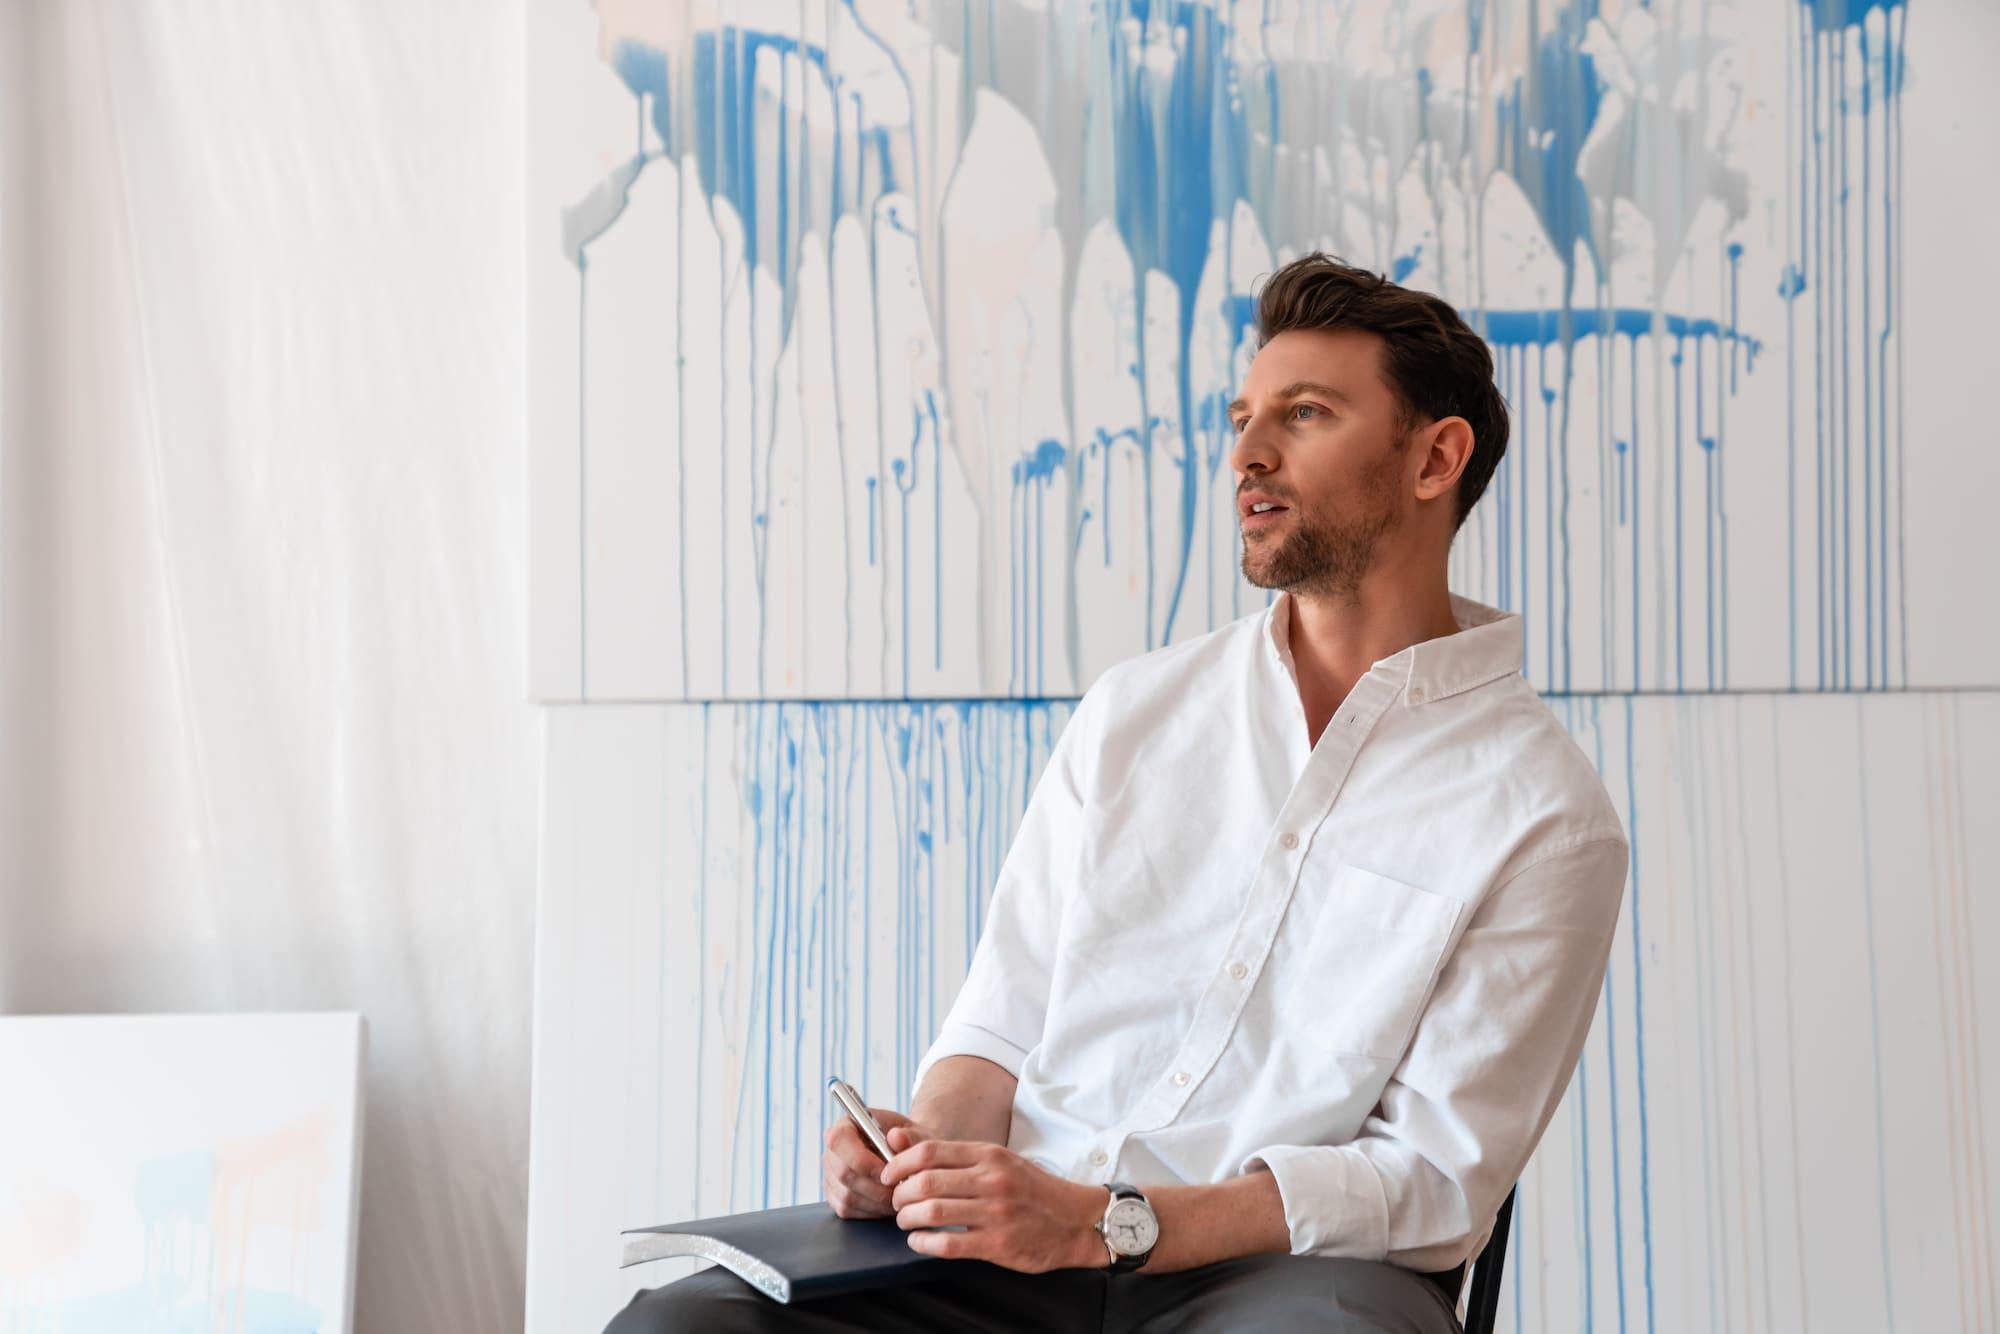 Inspiring Clash mit Paul Schrader: Vom erfolgreichen Juristen zum gefragten Künstler 1